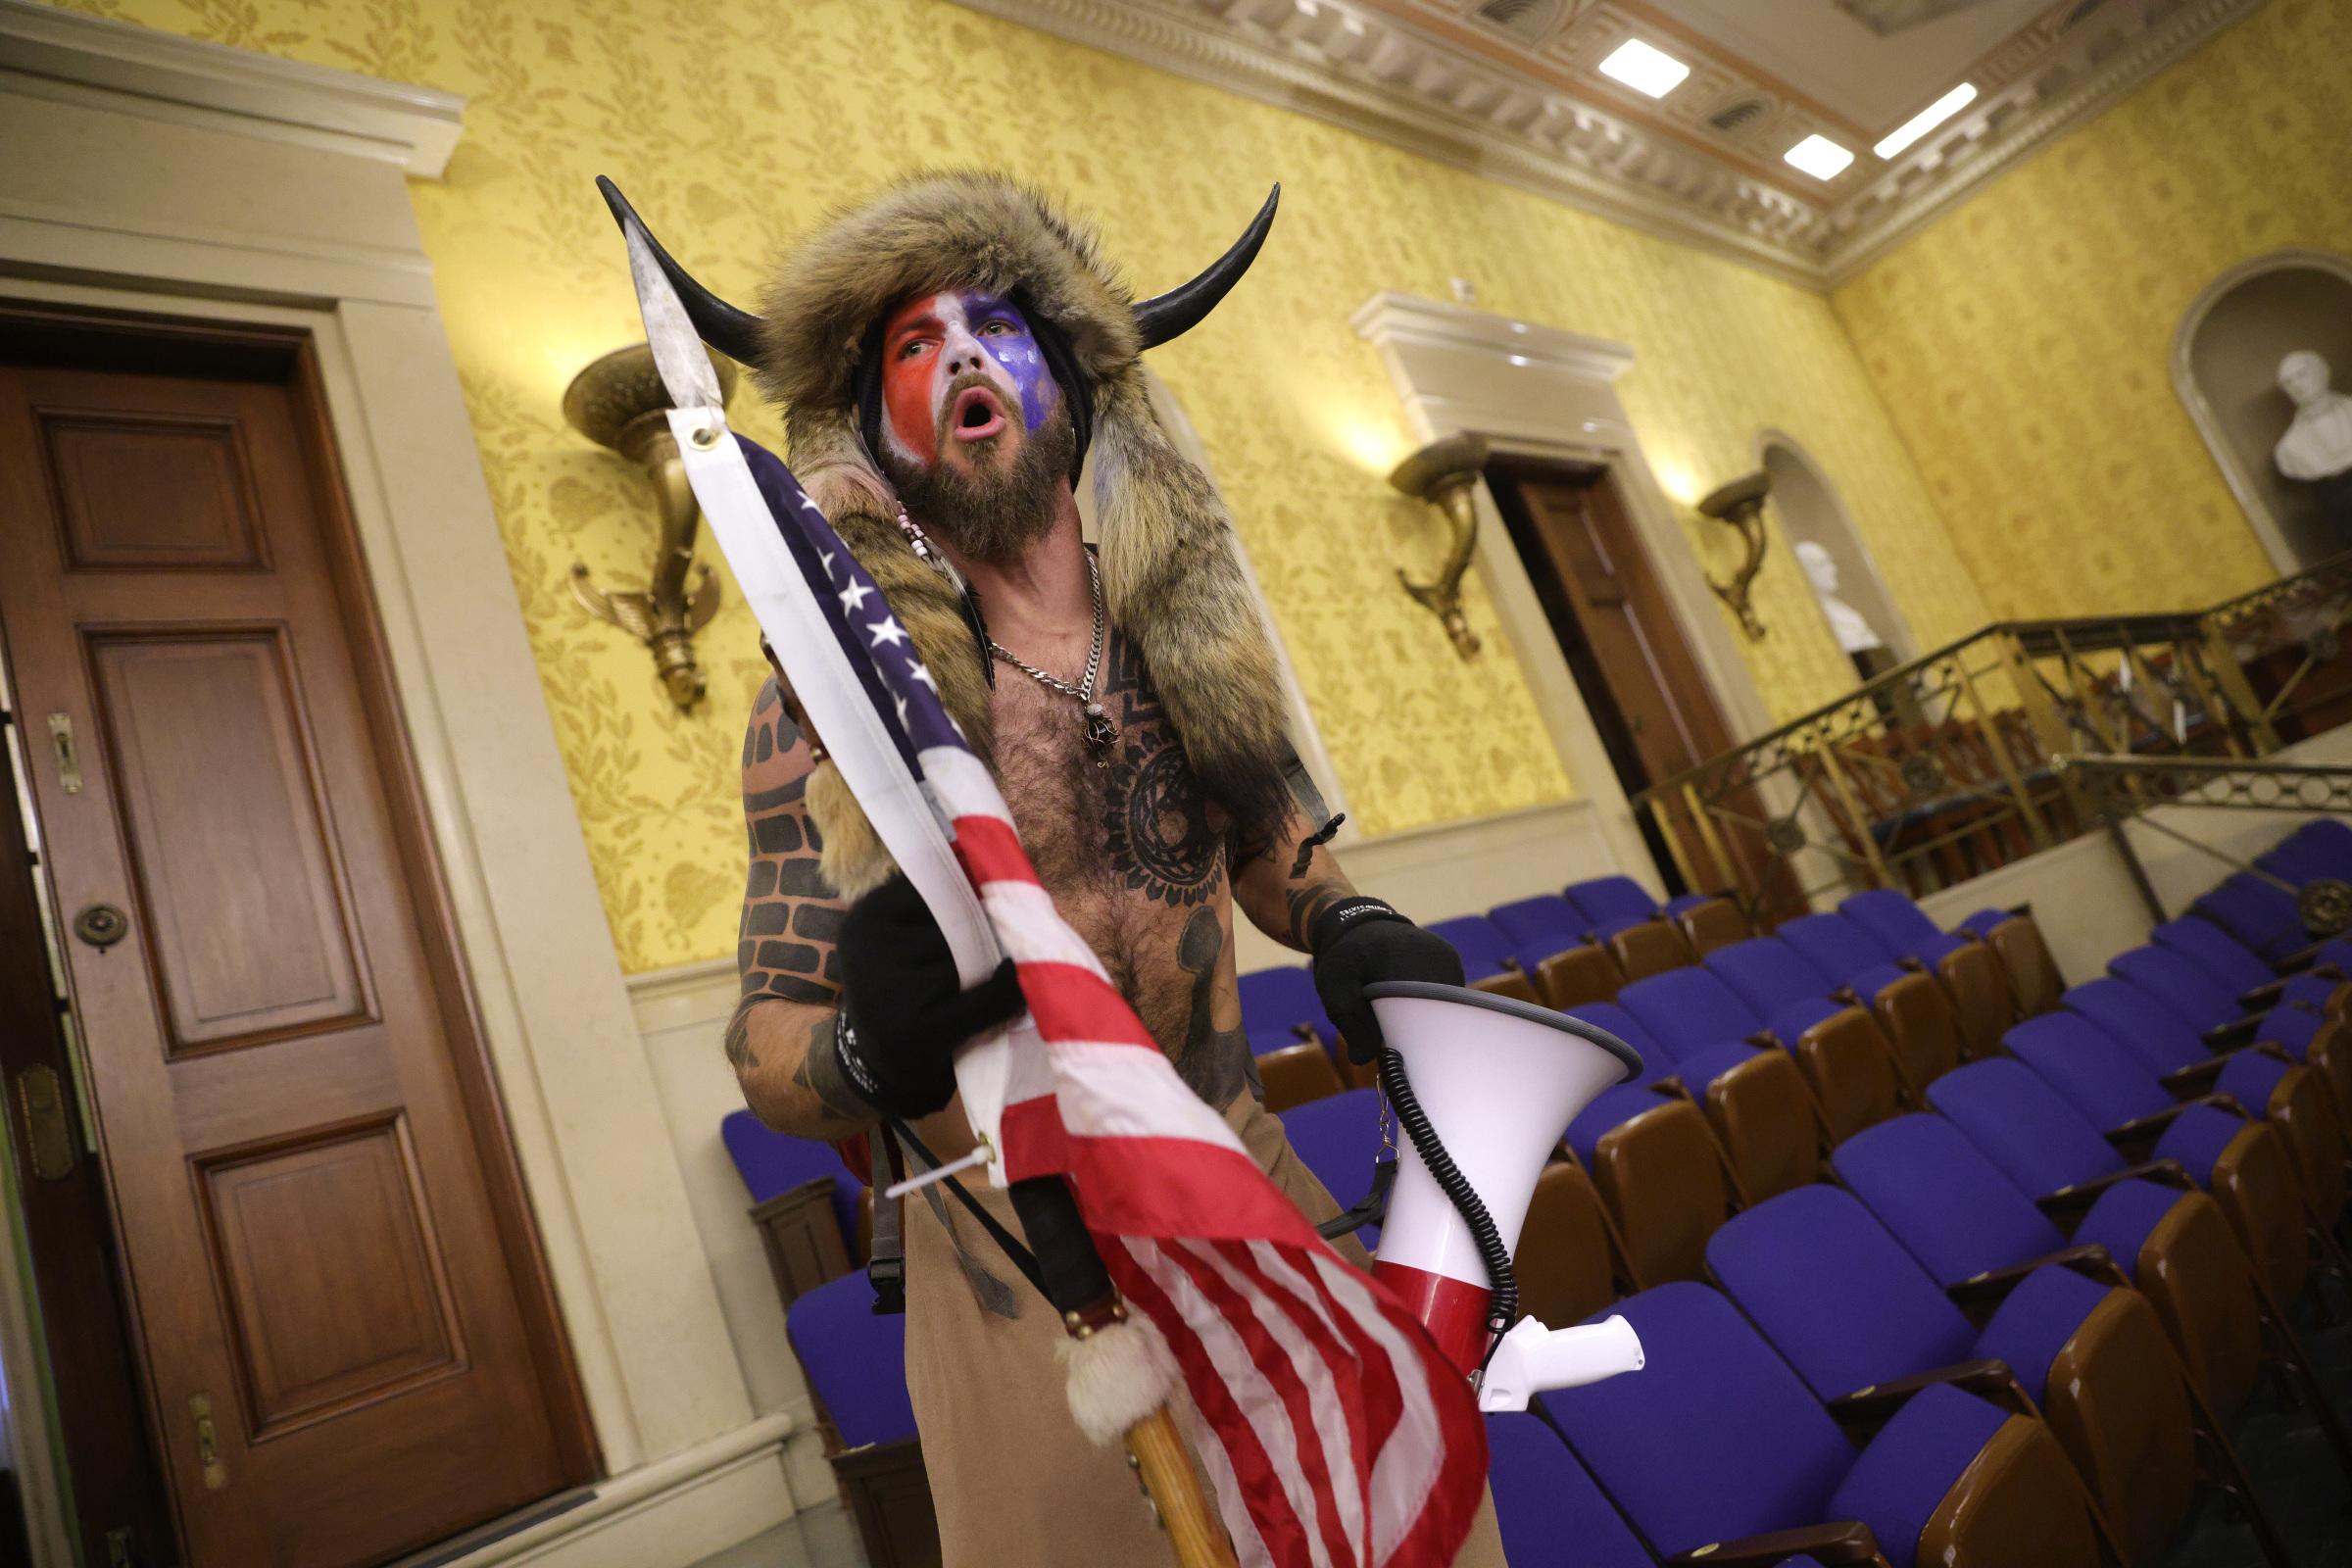 Jeden z demonstrantów, którzy wdarli się do Kapitolu, szczególnie wyróżniał się wyglądem